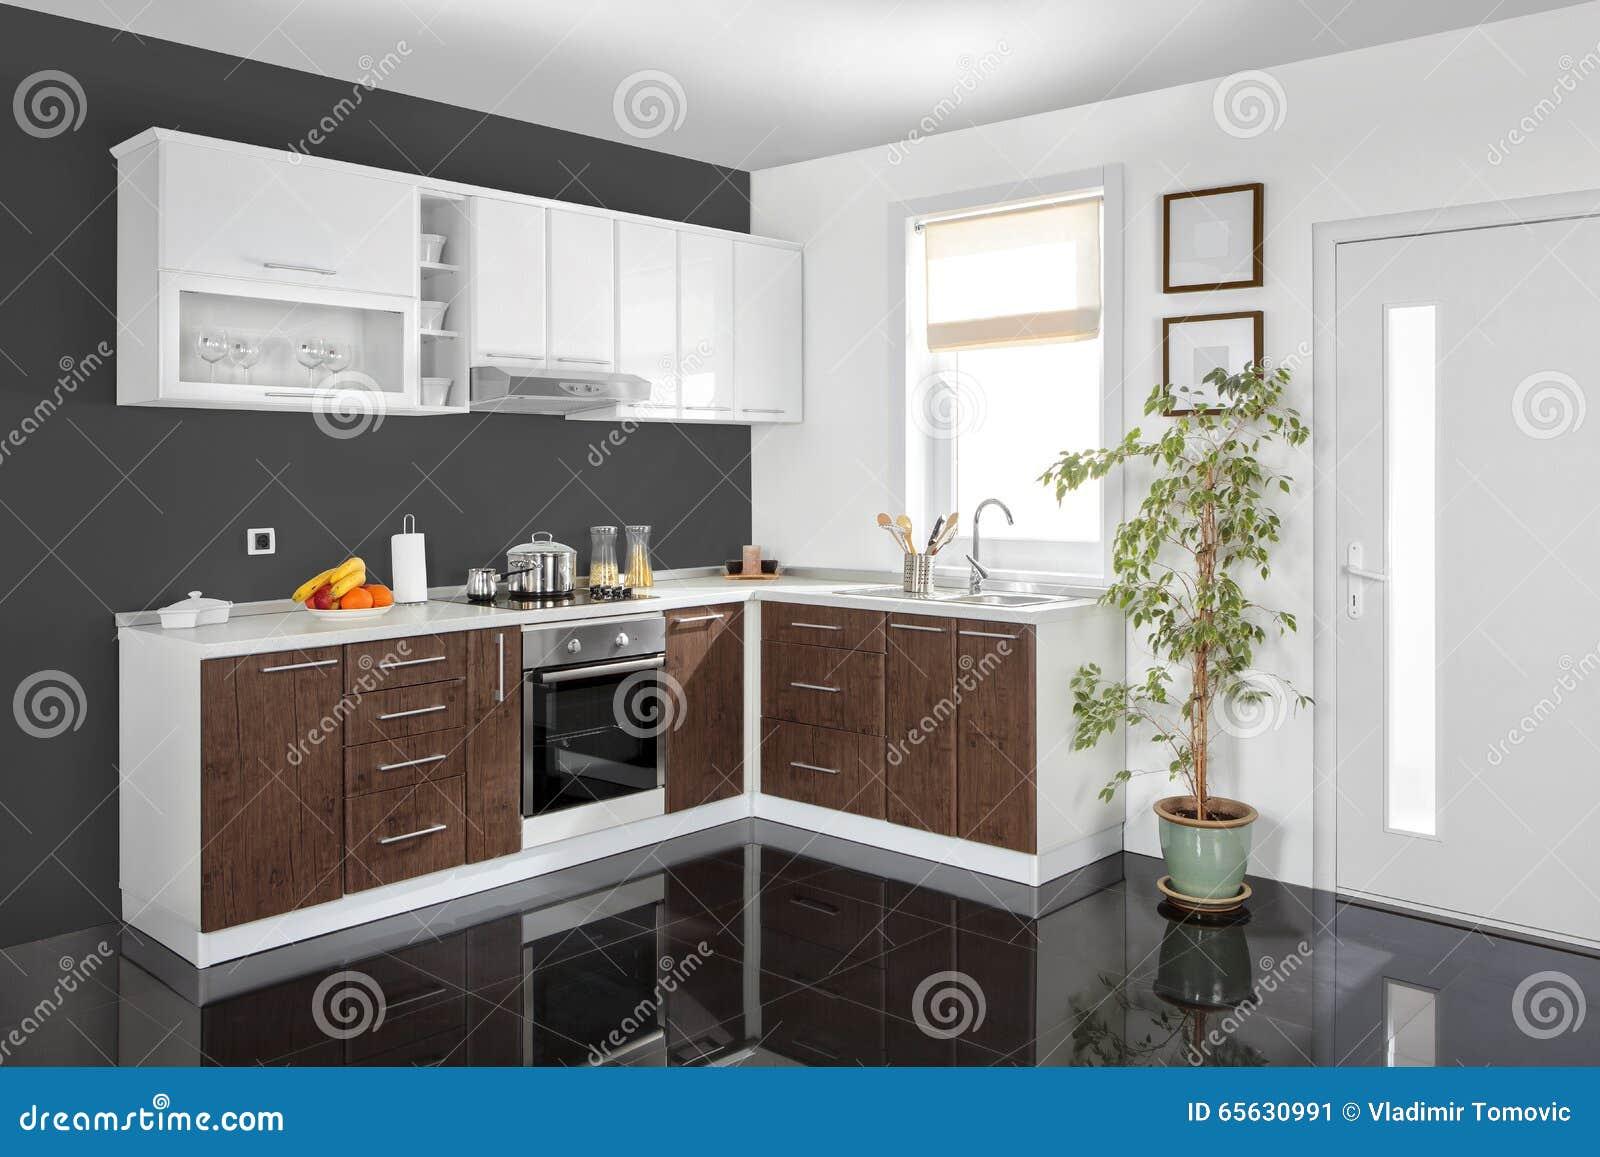 Innenraum Einer Modernen Küche, Hölzerne Möbel, Einfach Und Sauber ...